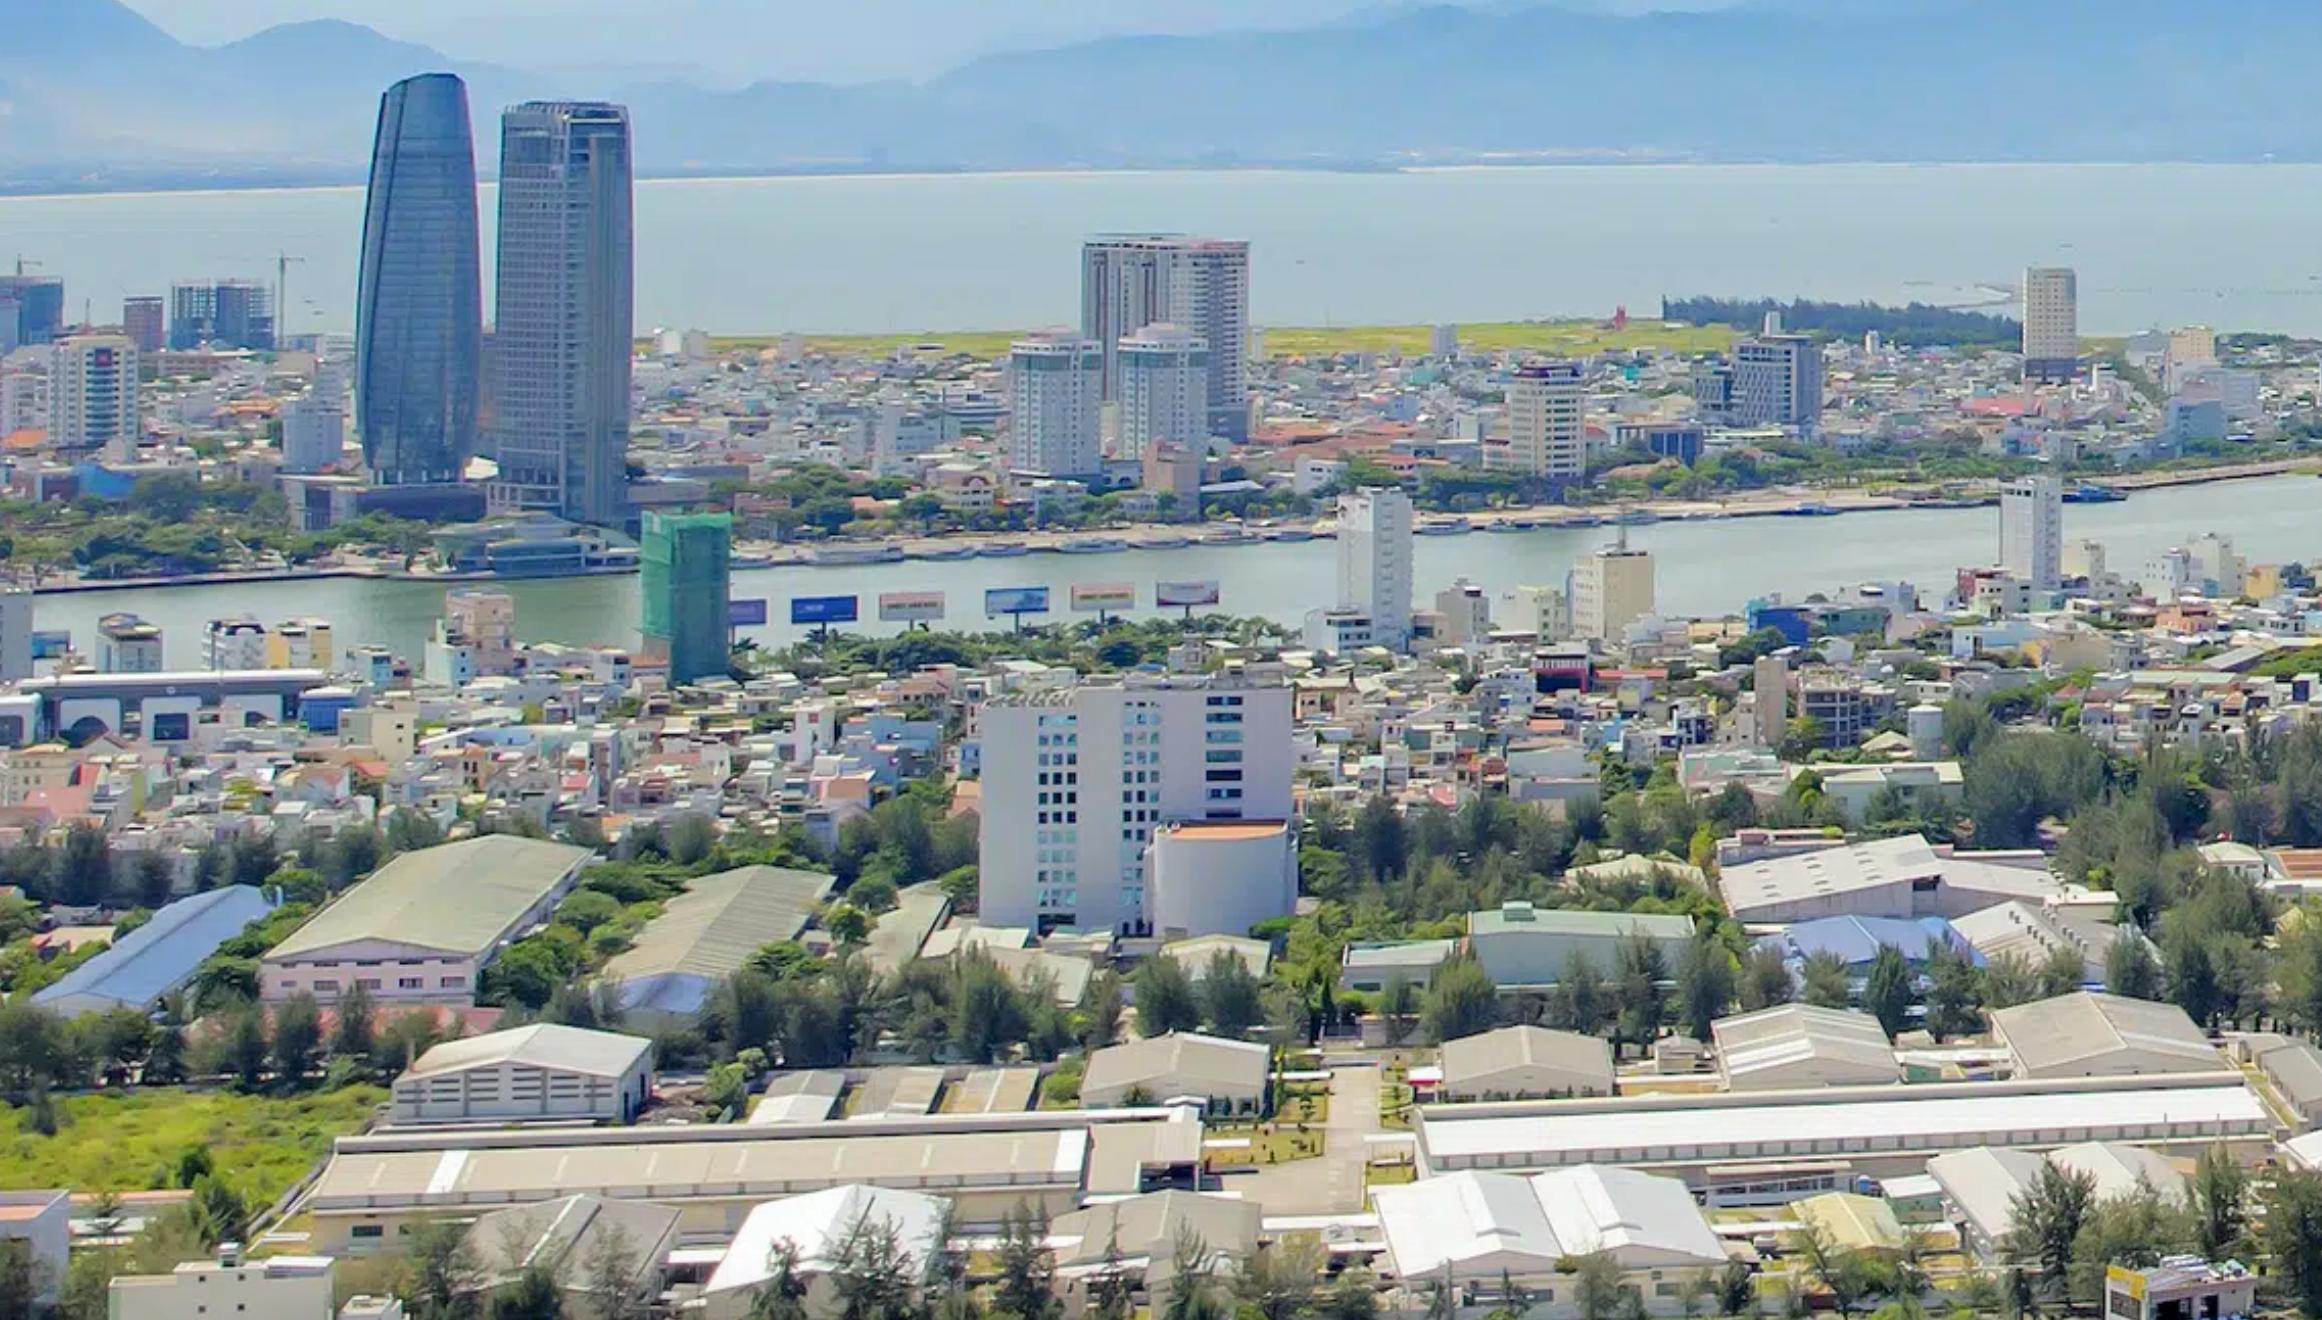 FPT sẽ chuyển mục đích sử dụng đất KCN Đà Nẵng sang xây dựng khu phức hợp có chung cư cao cấp - Ảnh 2.